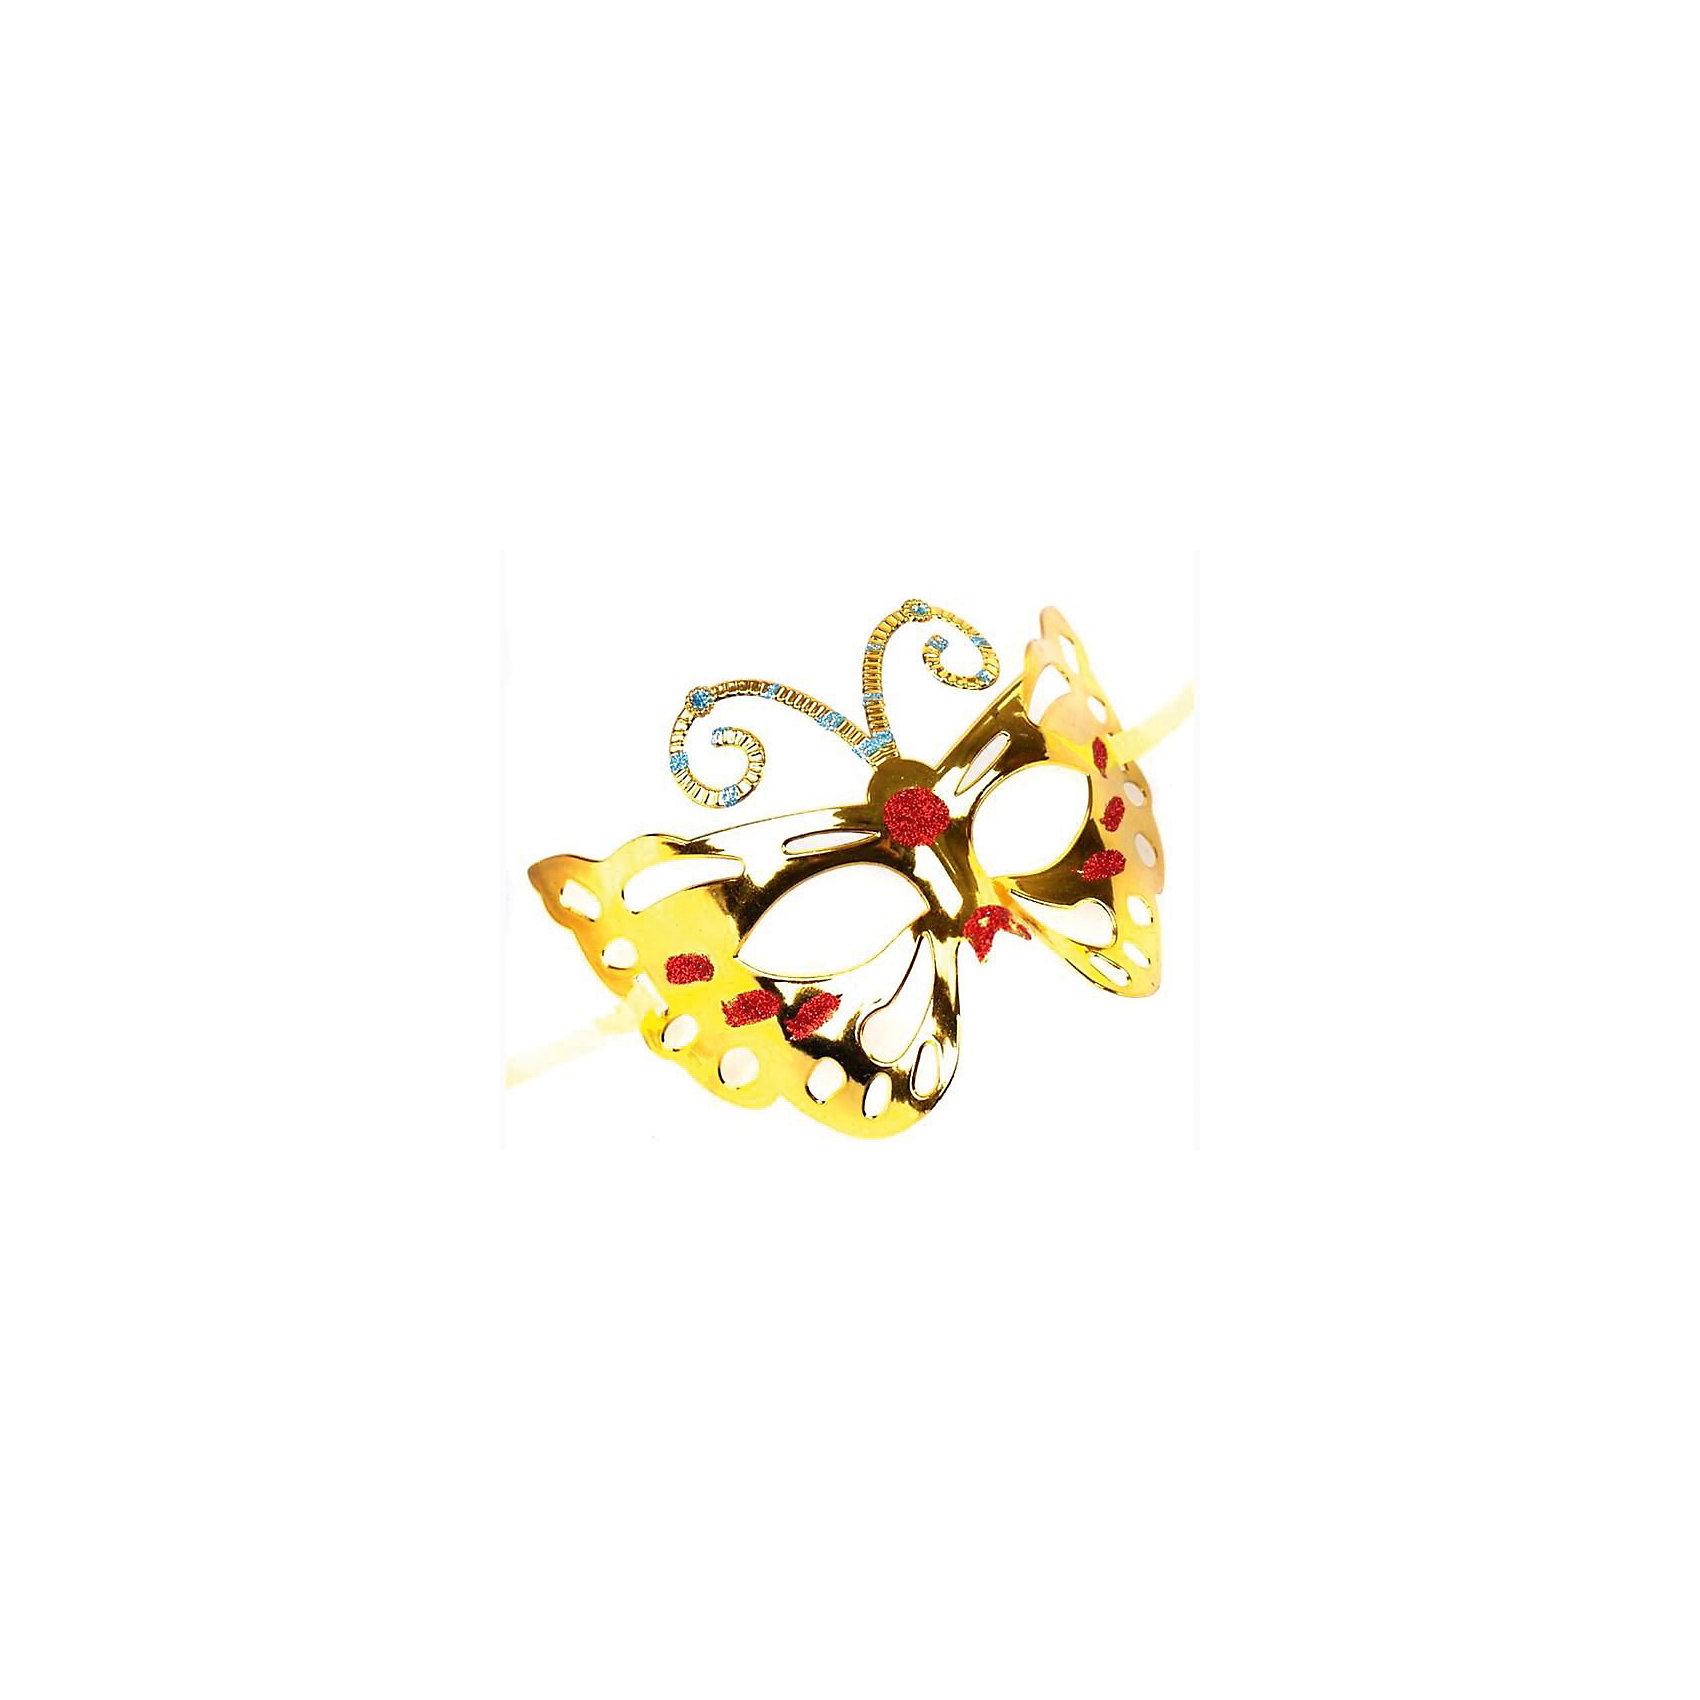 Magic Time Маскарадная маска Золотая увлажнитель воздуха polaris puh 6205 белый